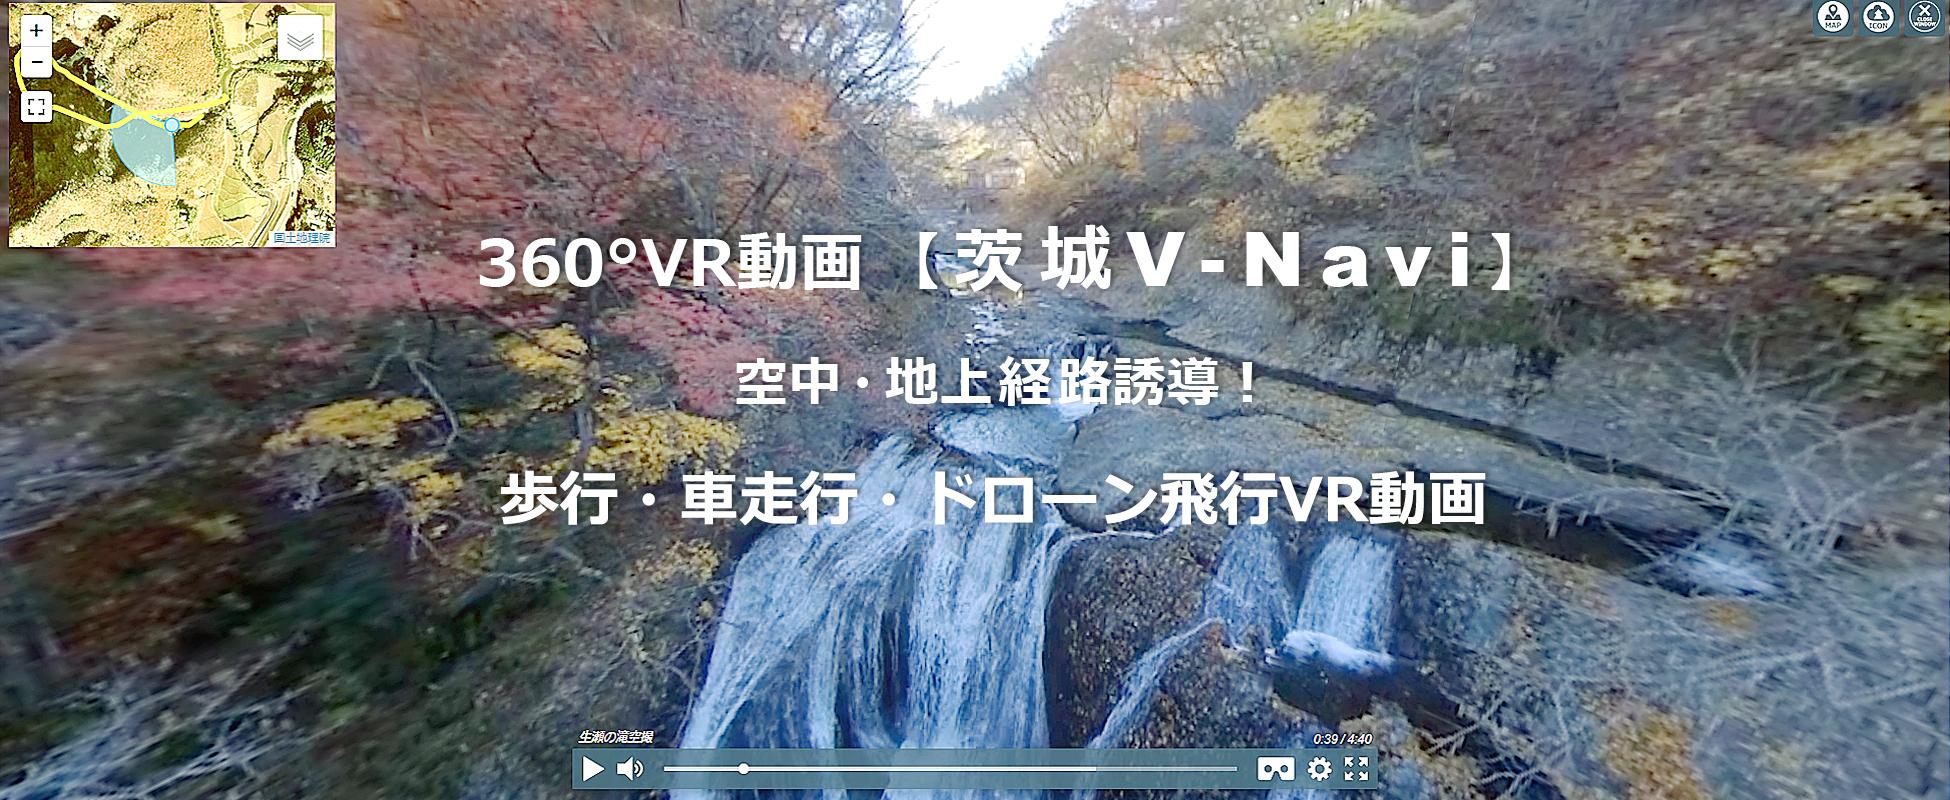 地図・経路誘導の観光360VR動画システム茨城V-Navi